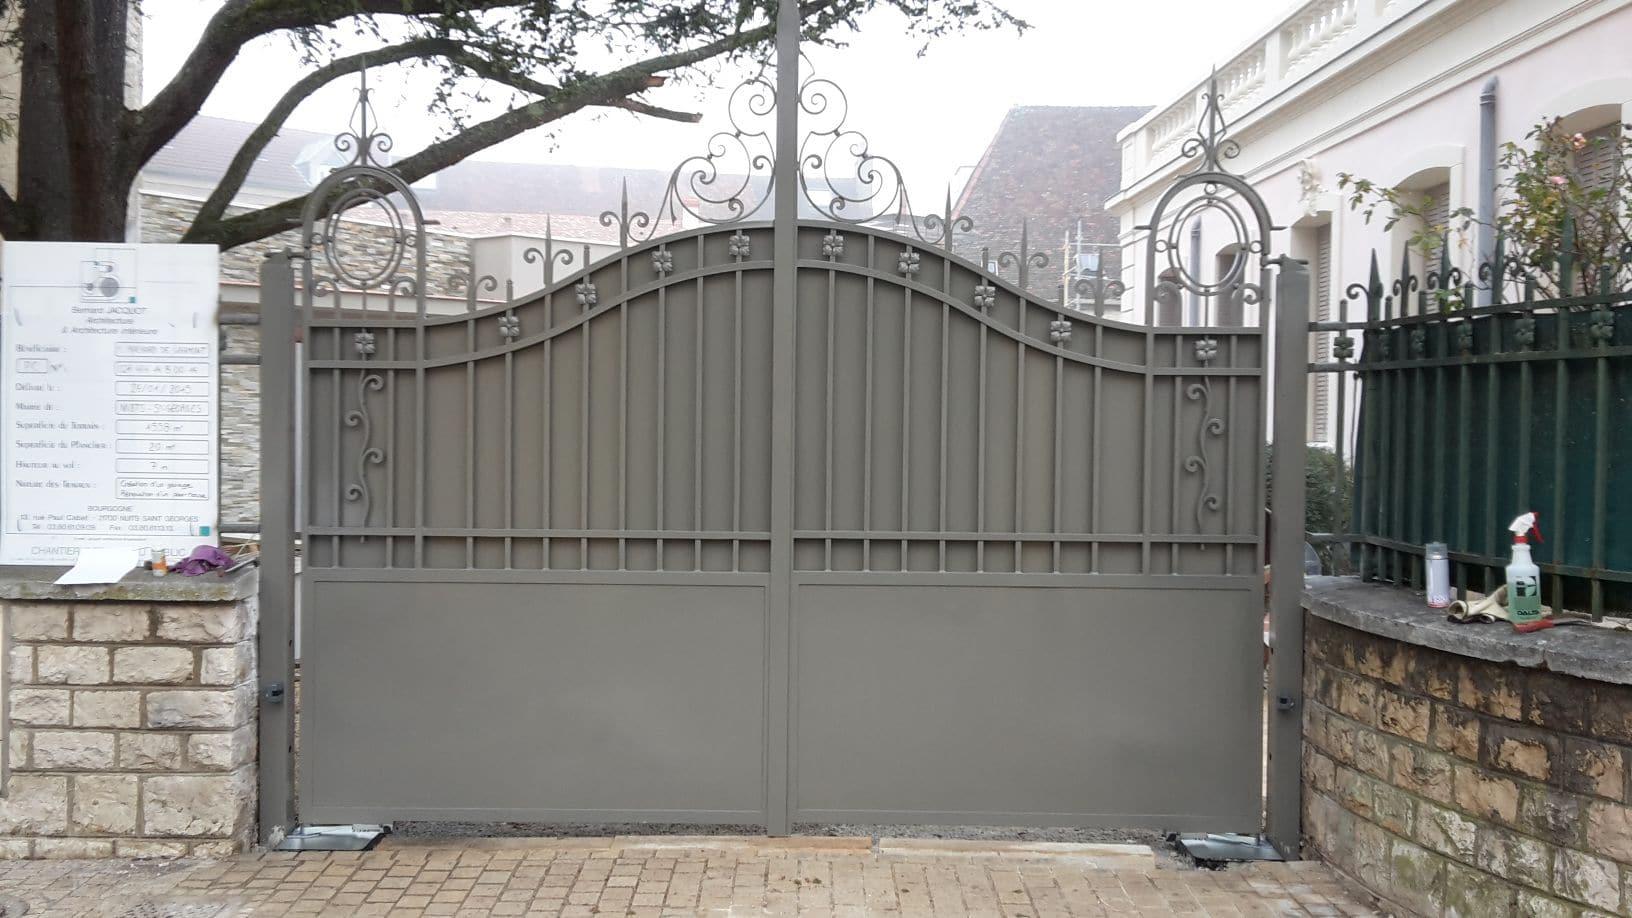 portails métalliques serrurerie métallerie matrat fontaine-lès-dijon (21))